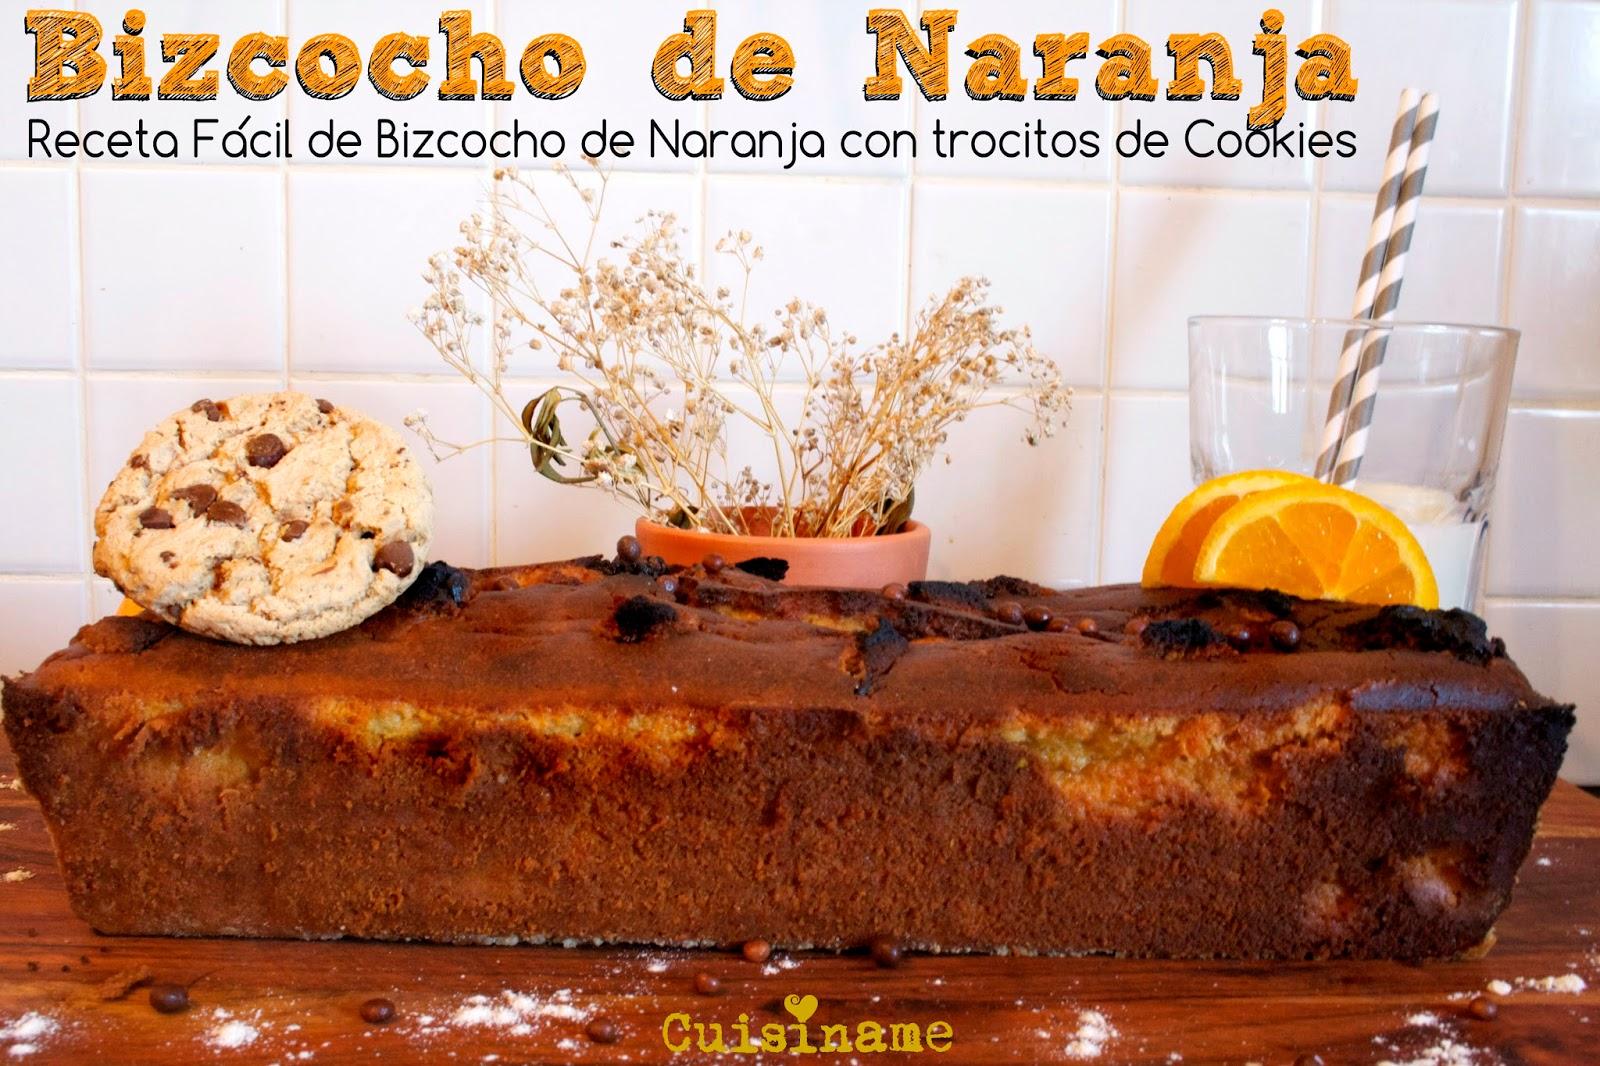 bizcocho, postres y dulces, bizcocho de naranja, bizcocho fácil, kitchen aid, recetas de cocina, recetas fáciles, recetas originales, yummy recipes, humor